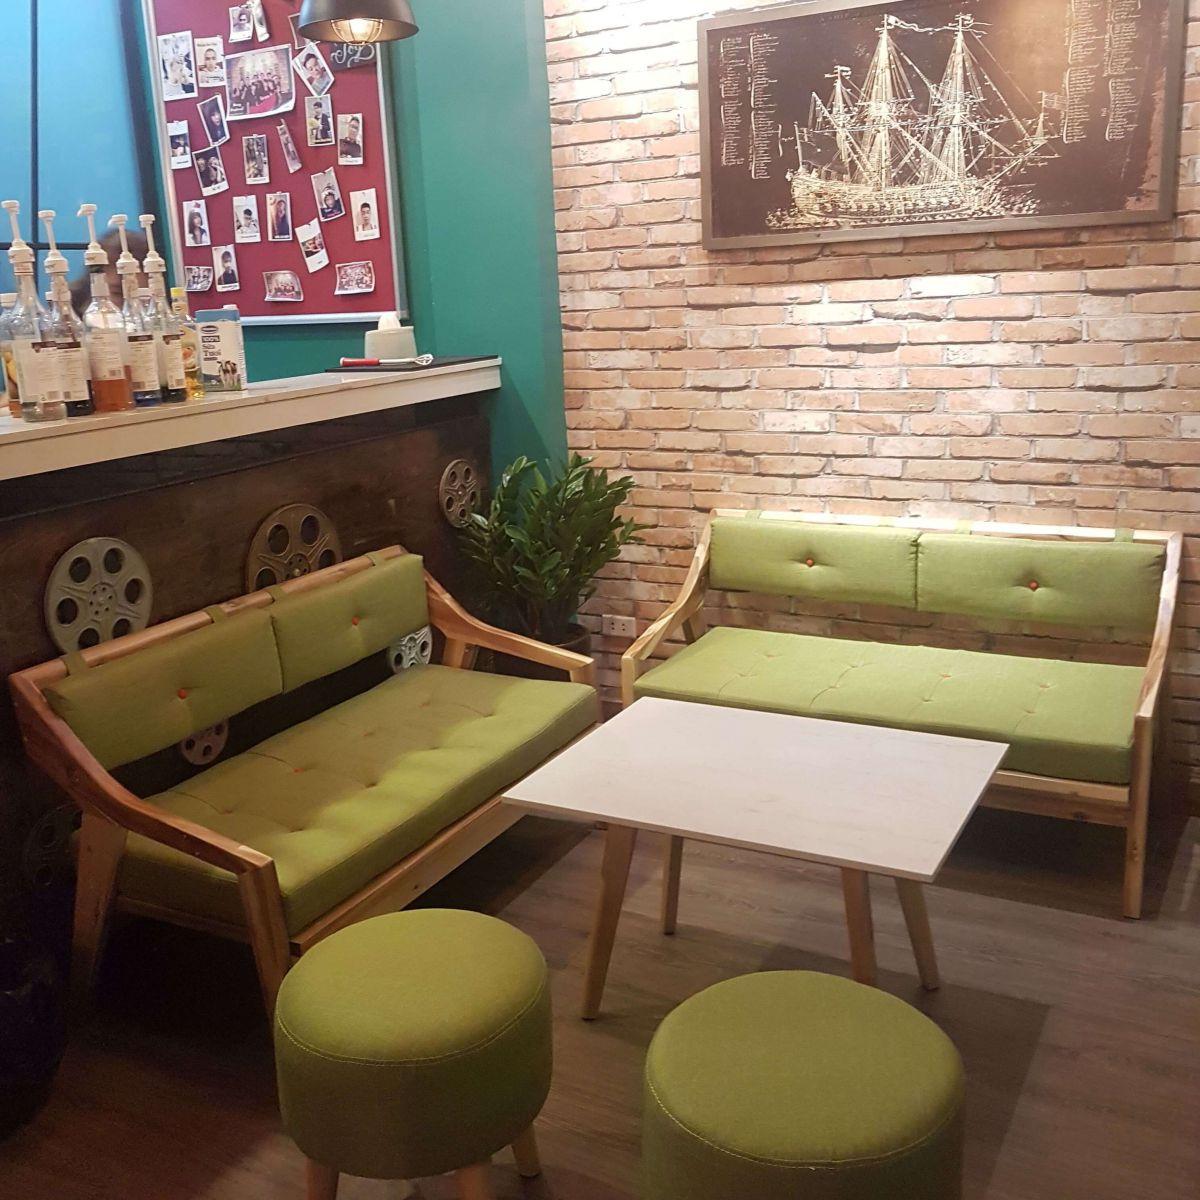 Cine-Cafe-Cafephim-Chua-Lang-Ha-Noi (7)